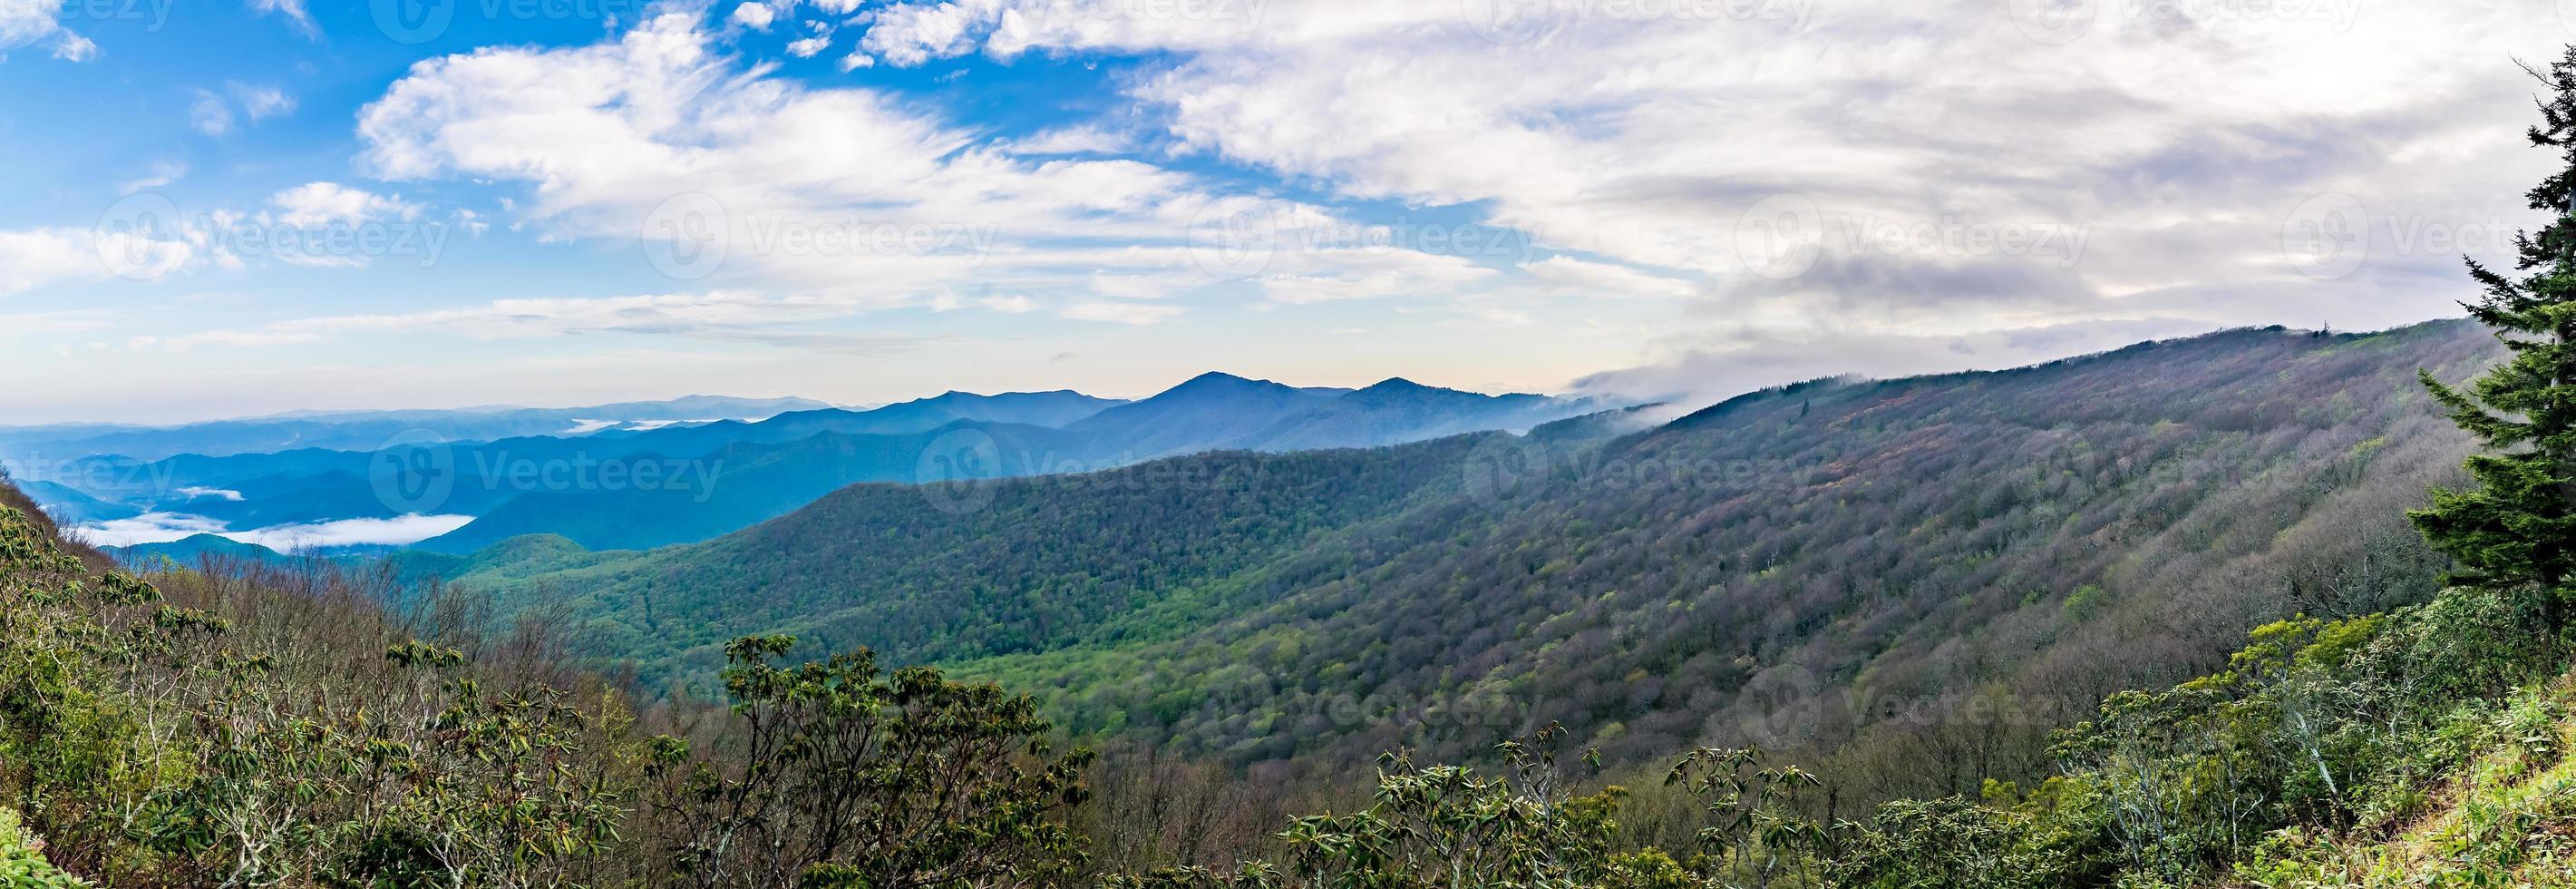 blue ridge mountains near mount mitchell and cragy gardens photo